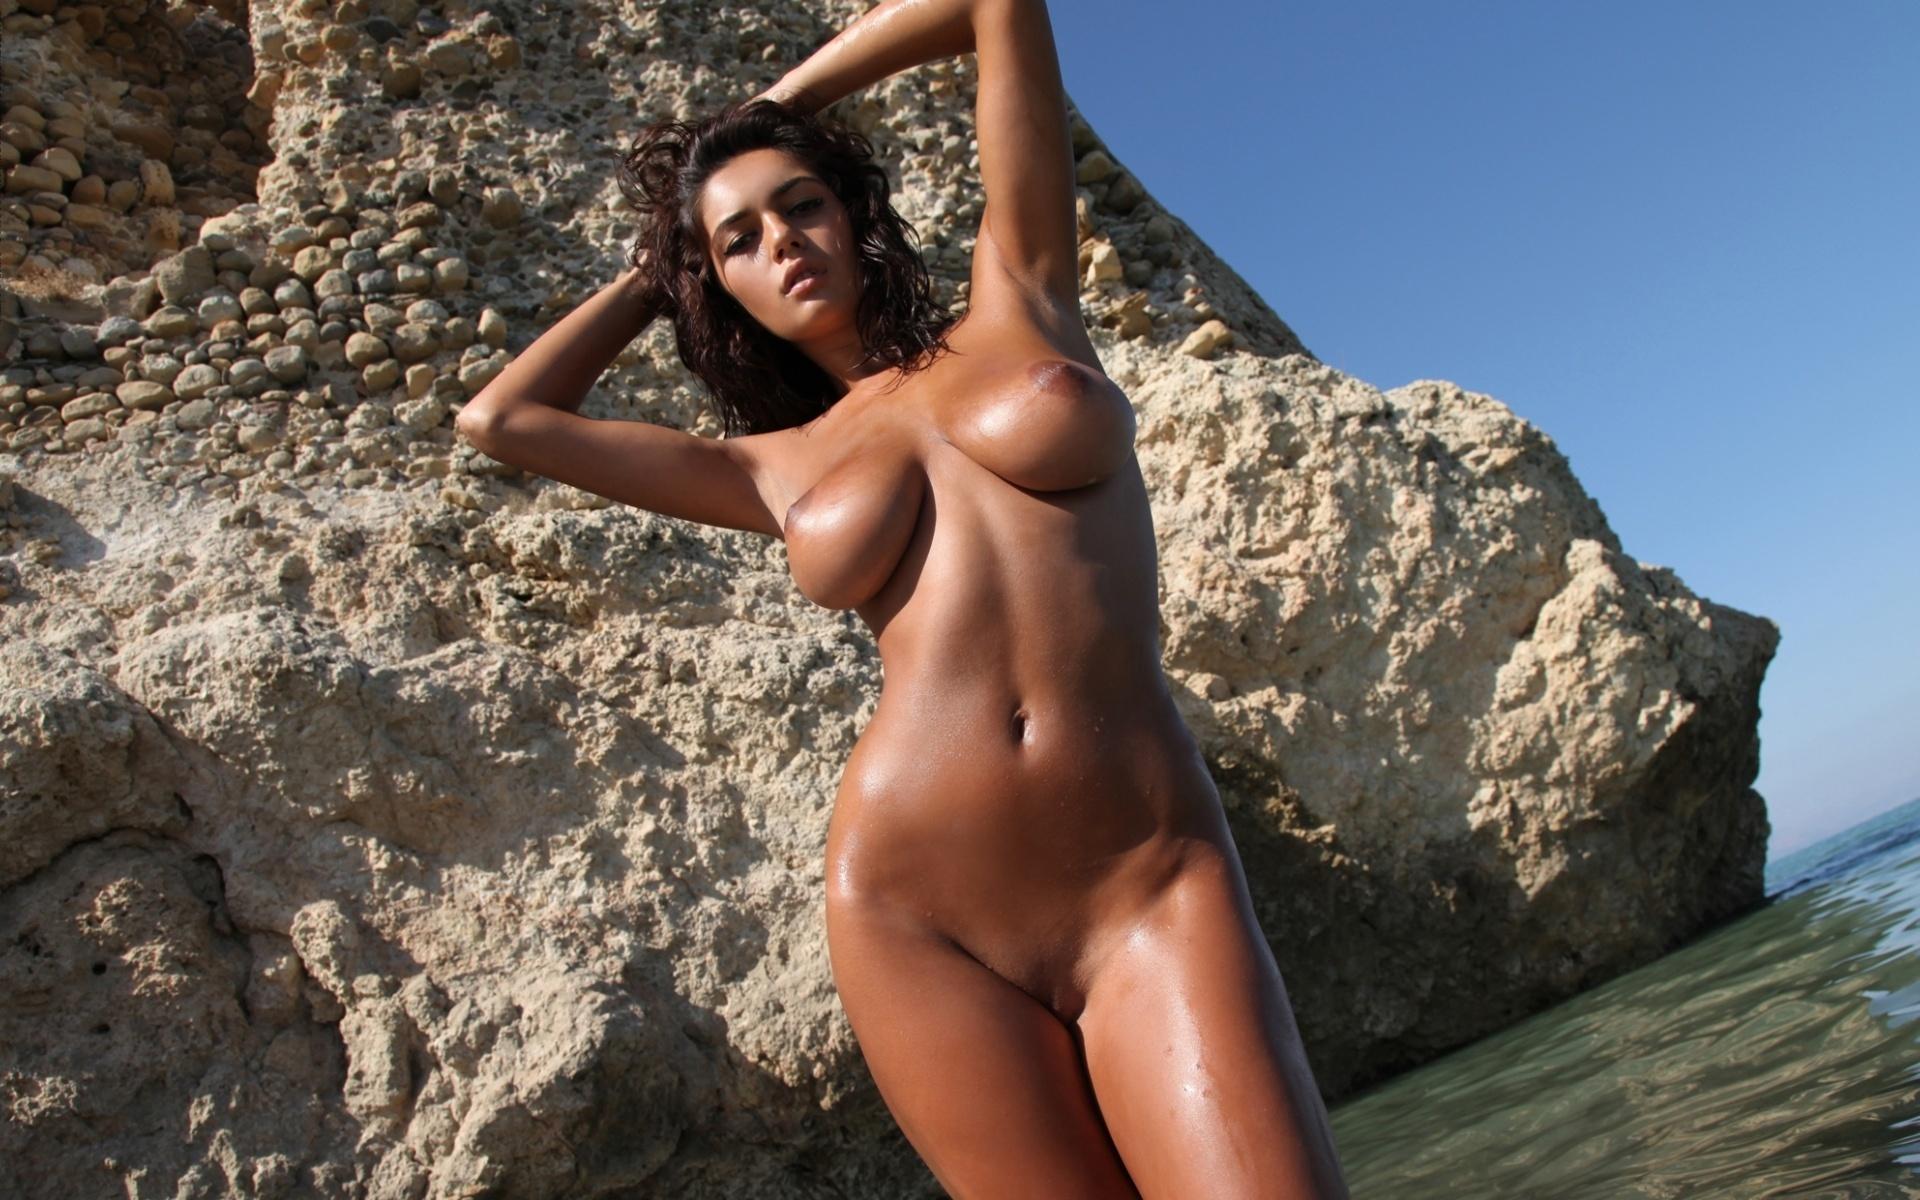 загорелые девушки фото голые совсем раскиснуть